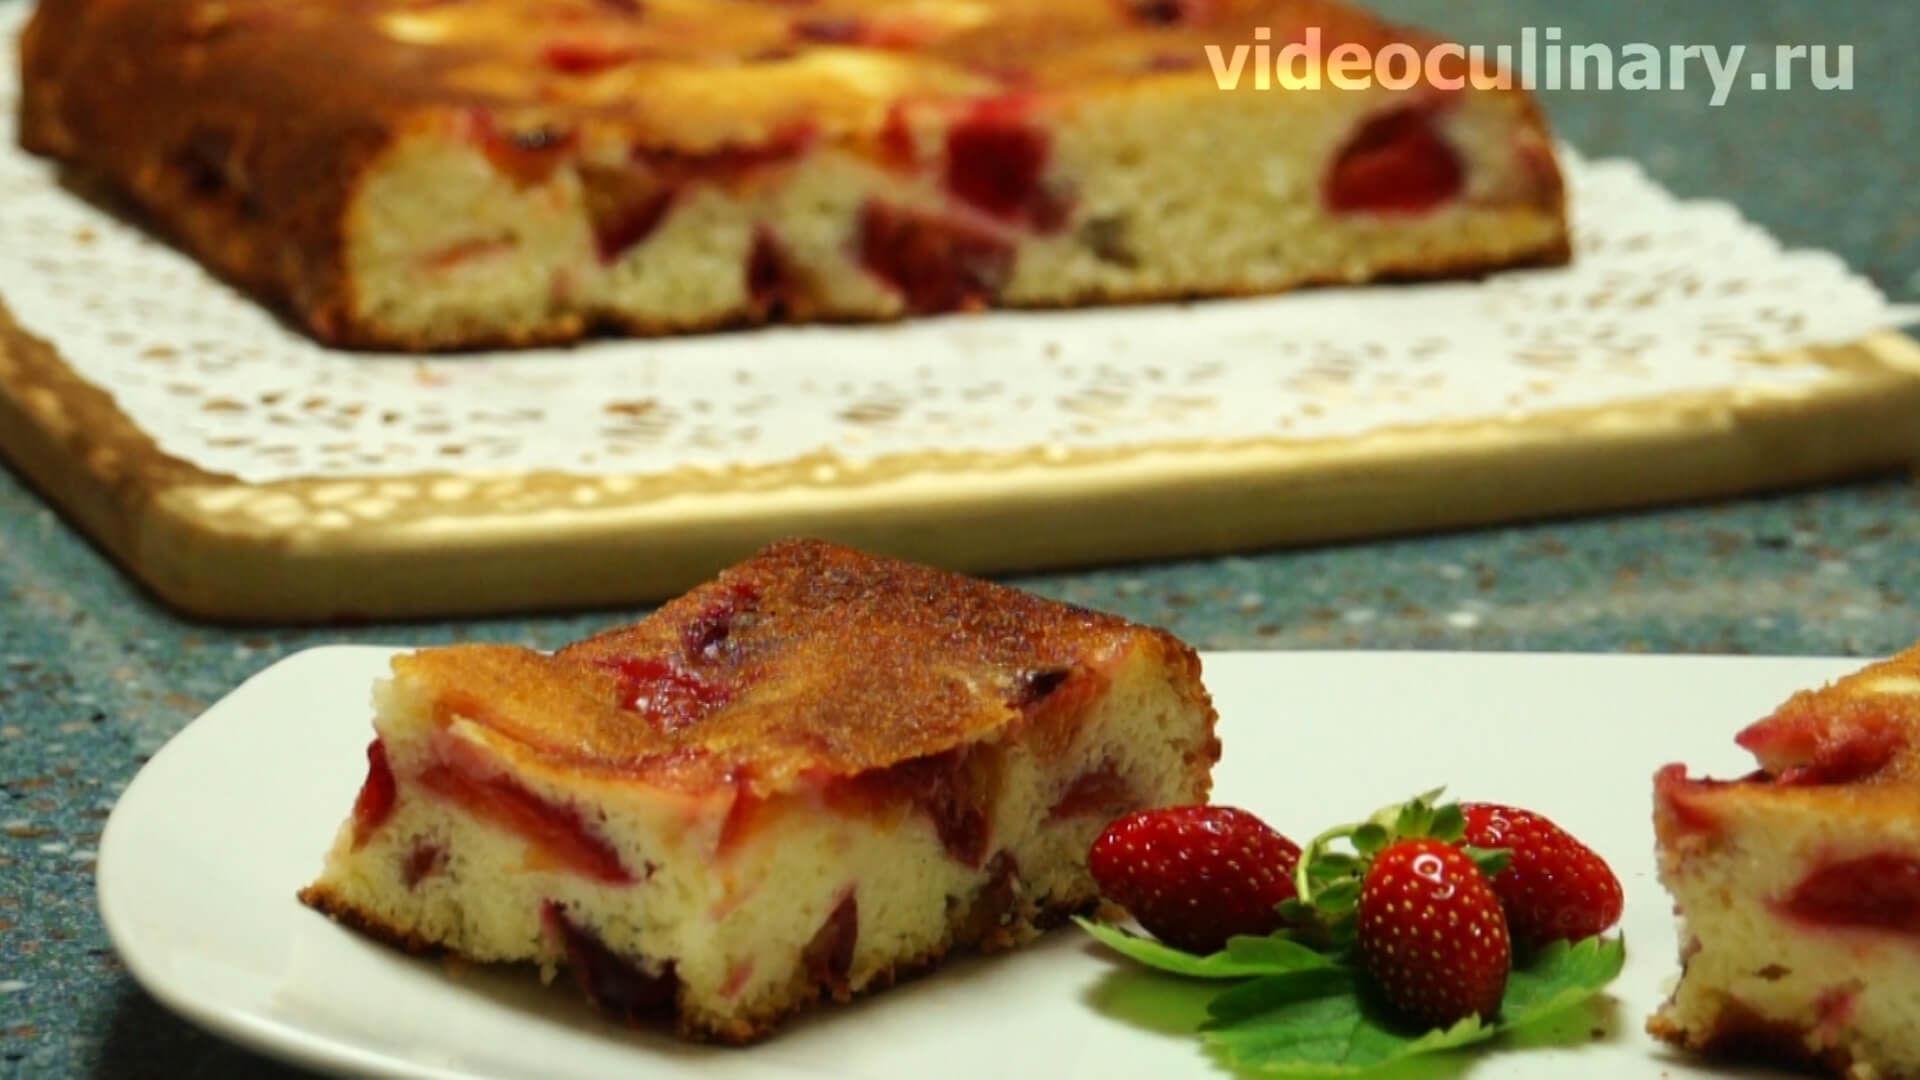 Пирог с замороженной сливой рецепт